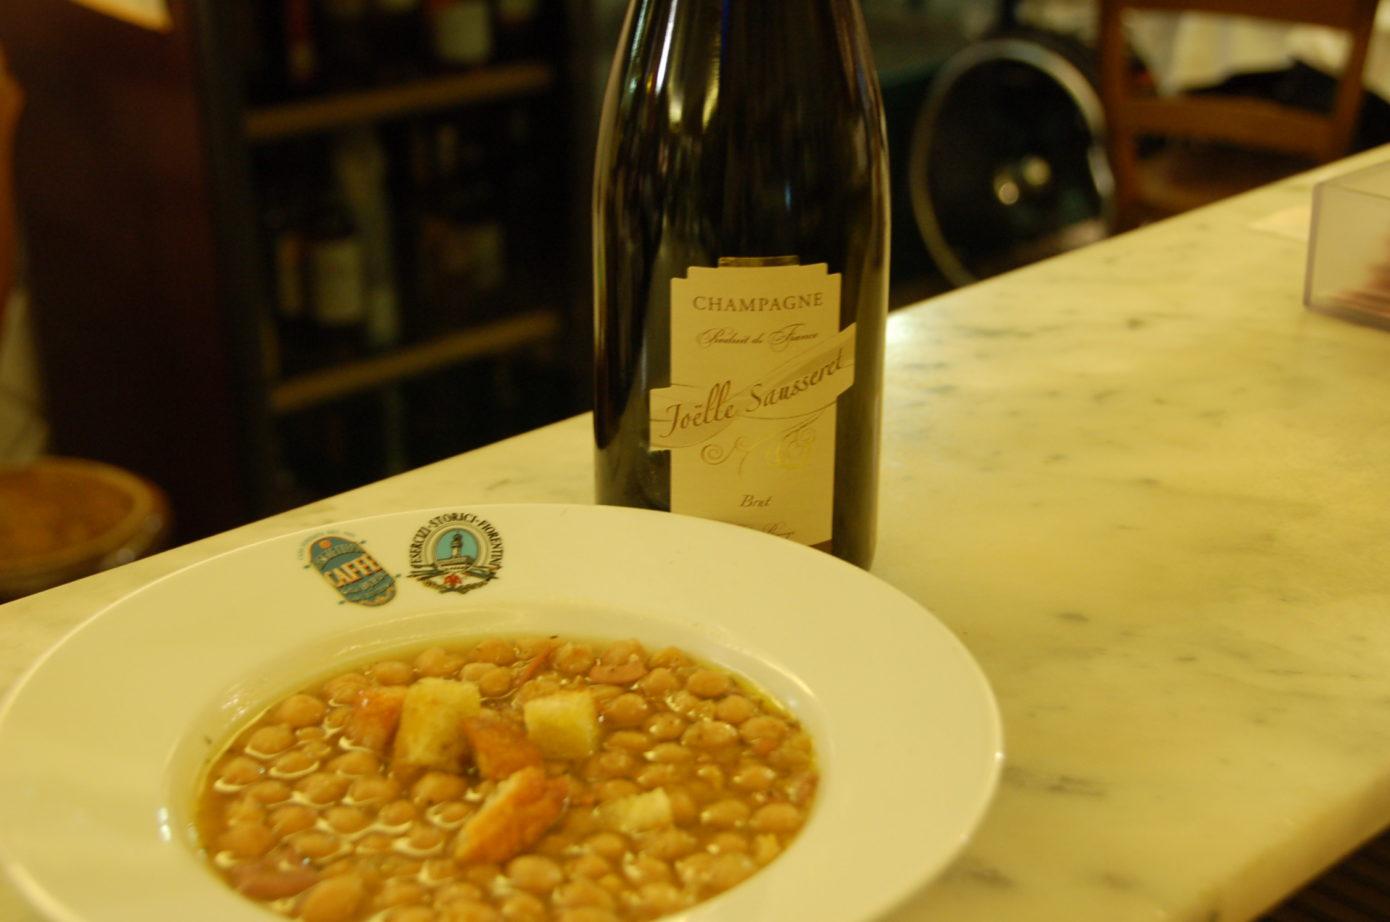 Degustazione di vini che risale Bristol